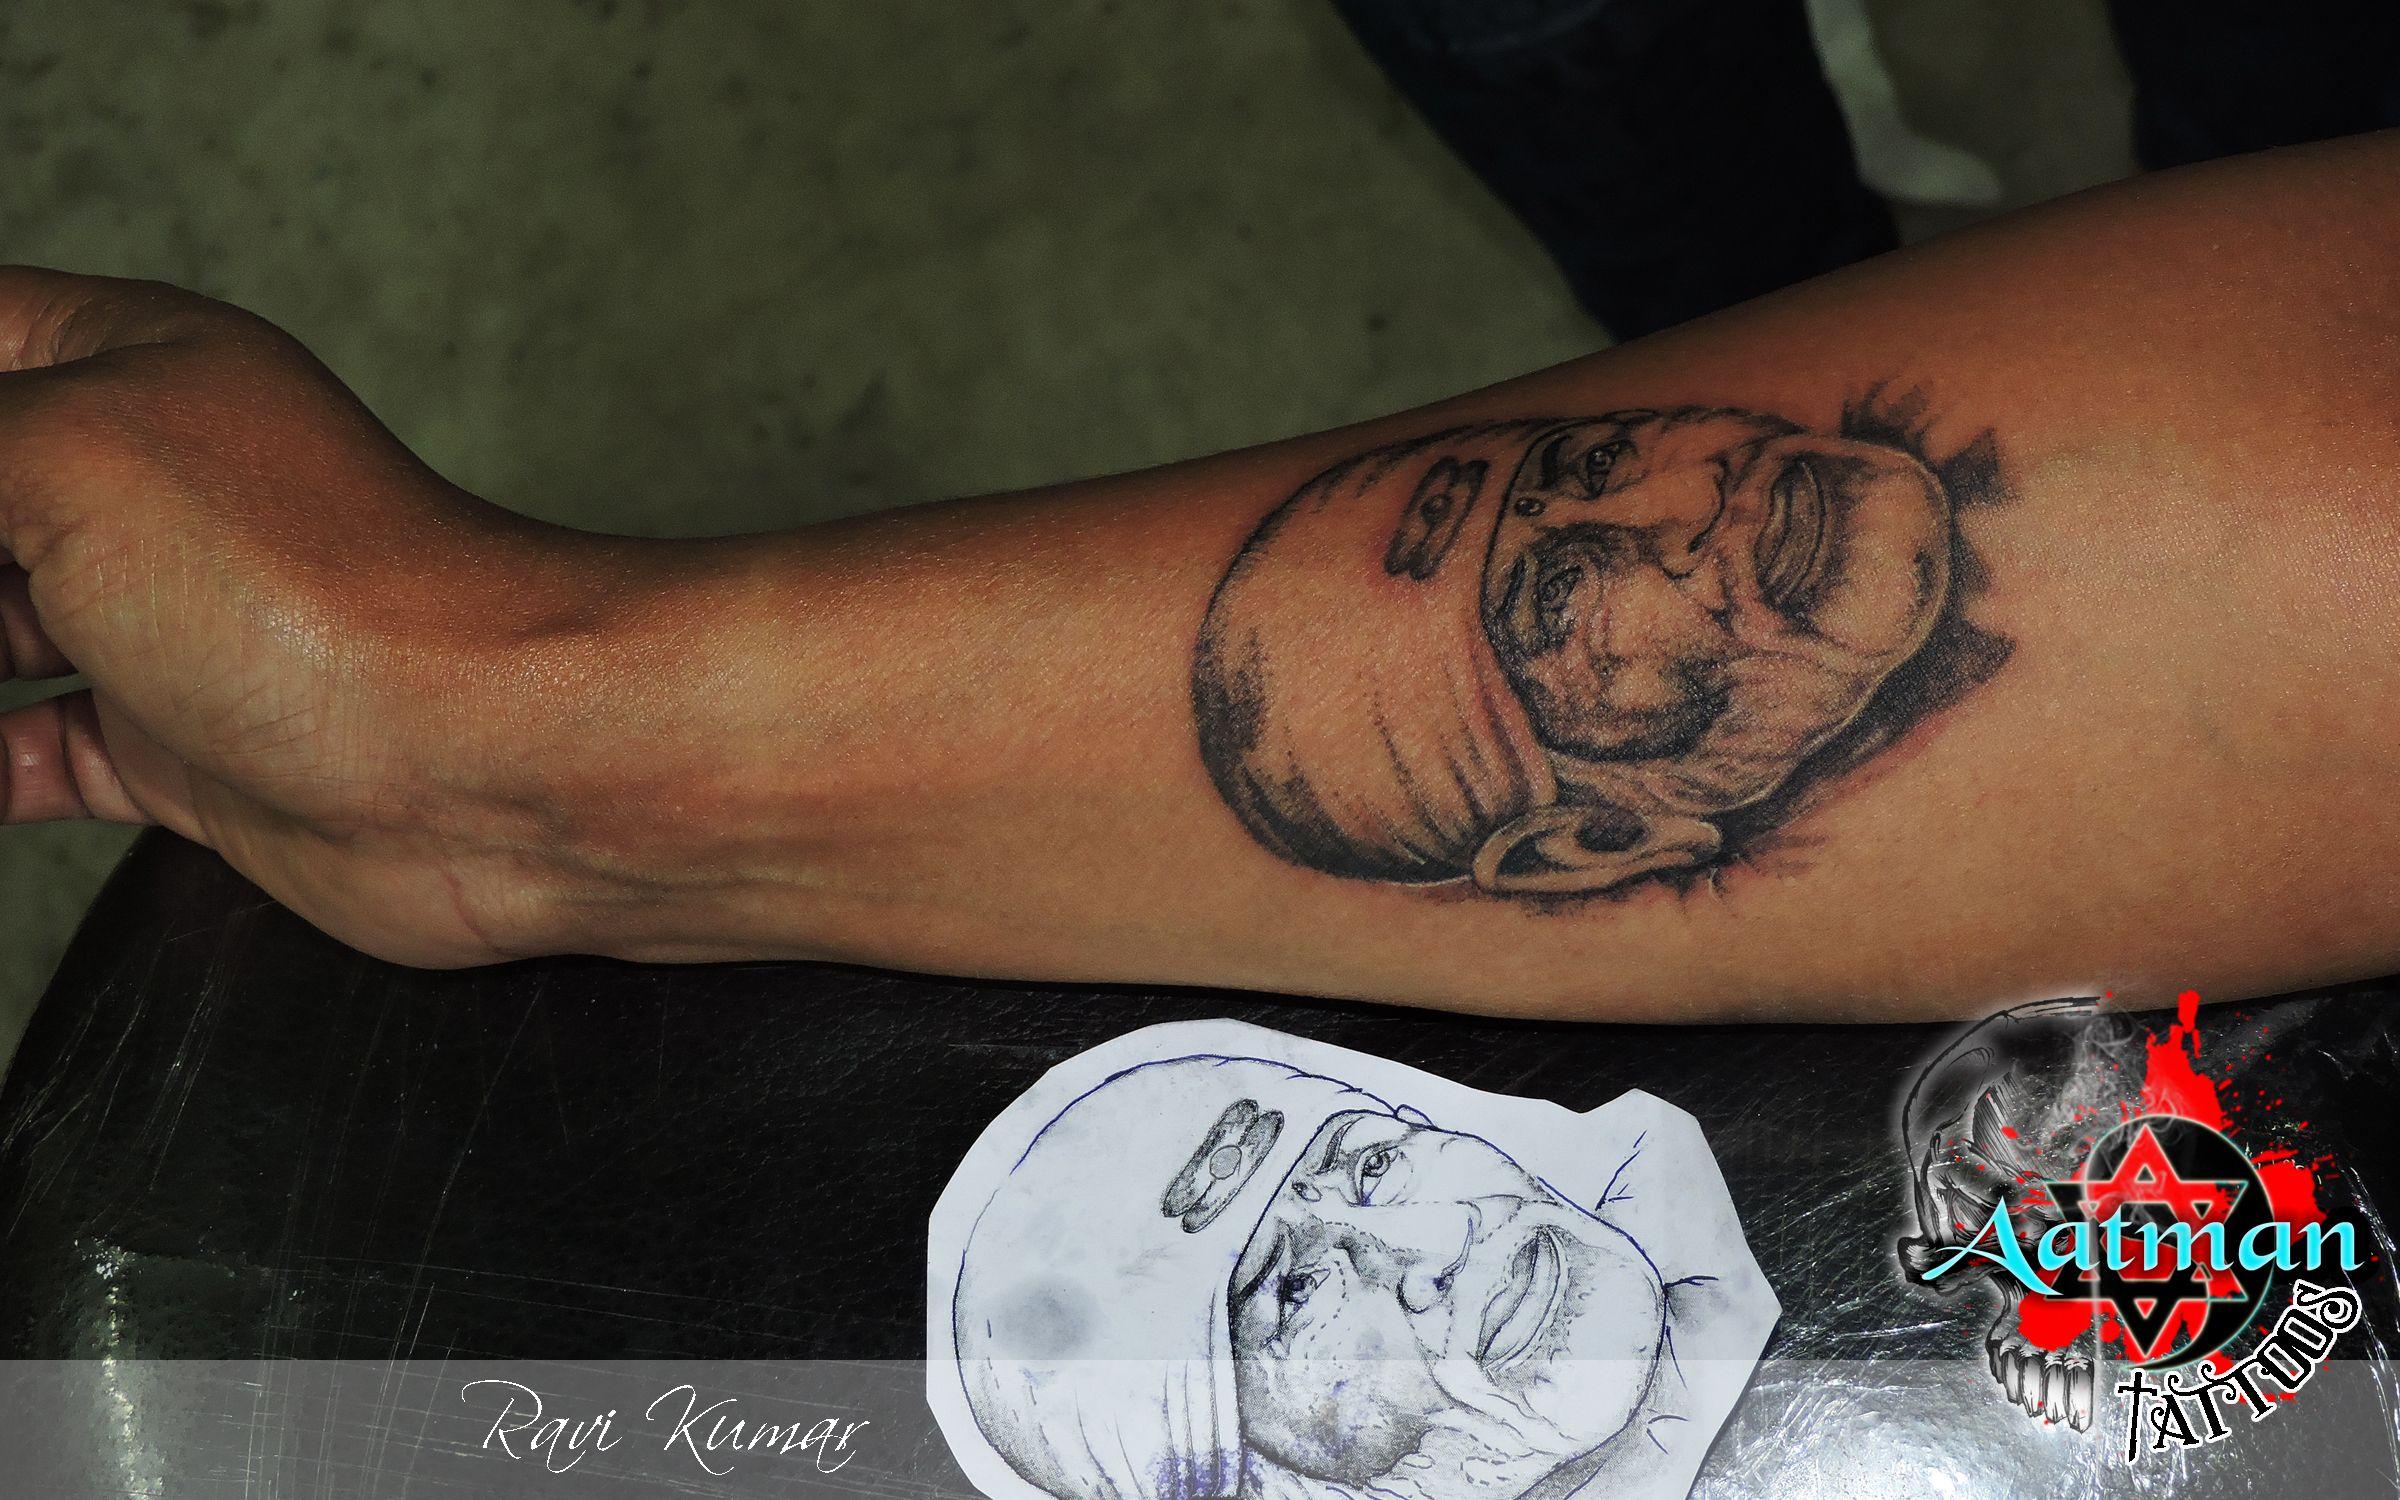 sai baba tattoo by Aatman tattoos Tattoos